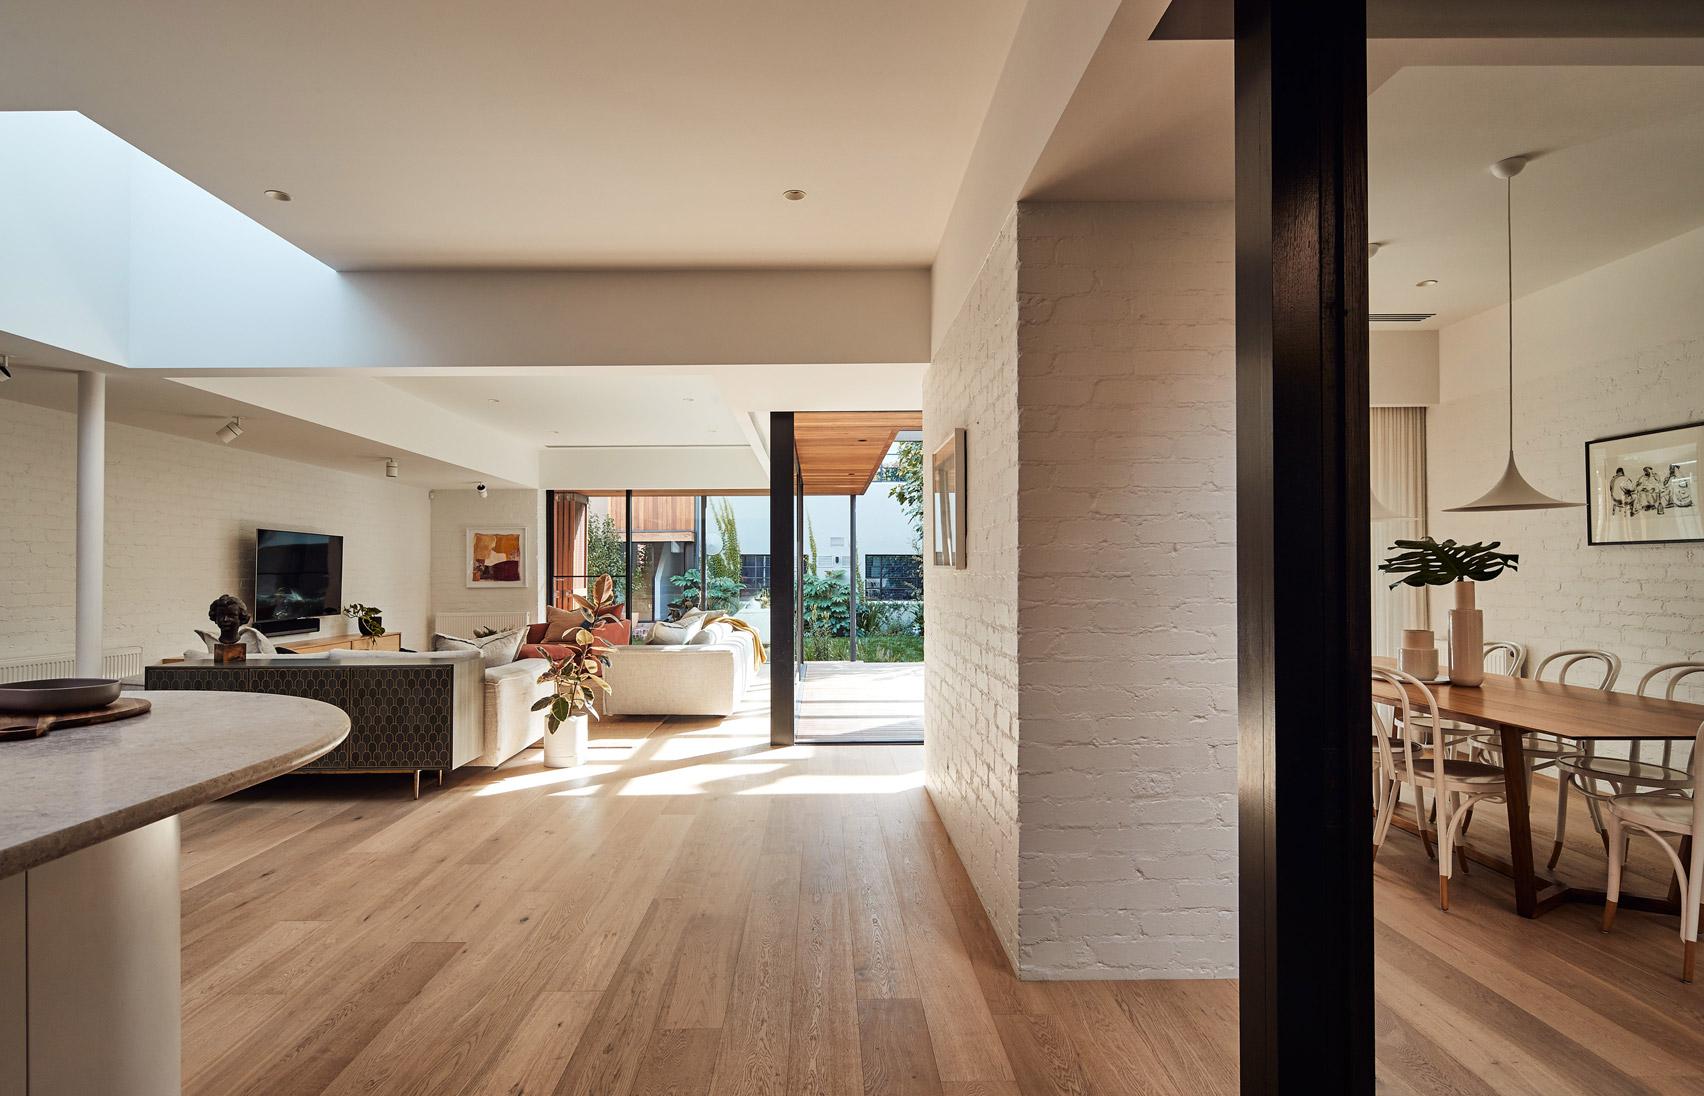 Thiết kế nội thất căn hộ đẹp 4